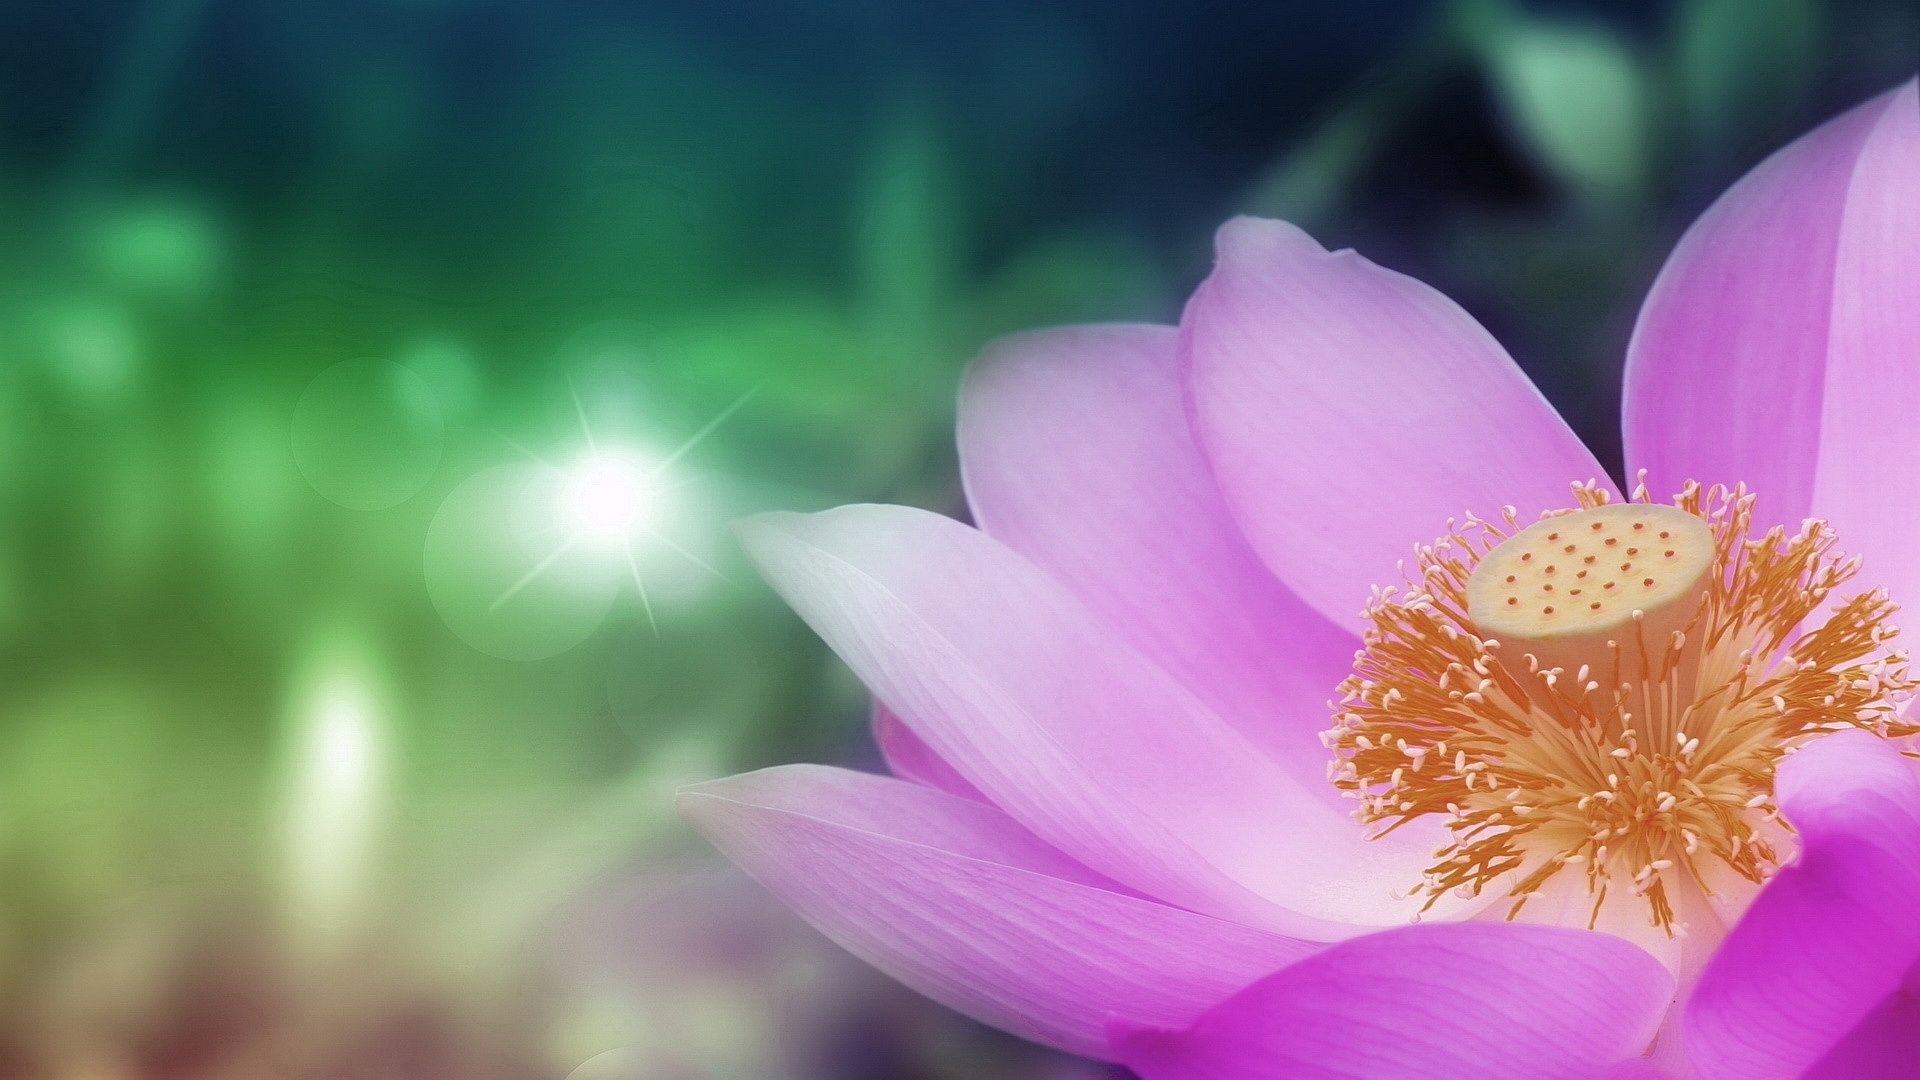 Lotus flower wallpaper 22578 1920x1080 px hdwallsource lotus flower wallpaper 22578 izmirmasajfo Choice Image